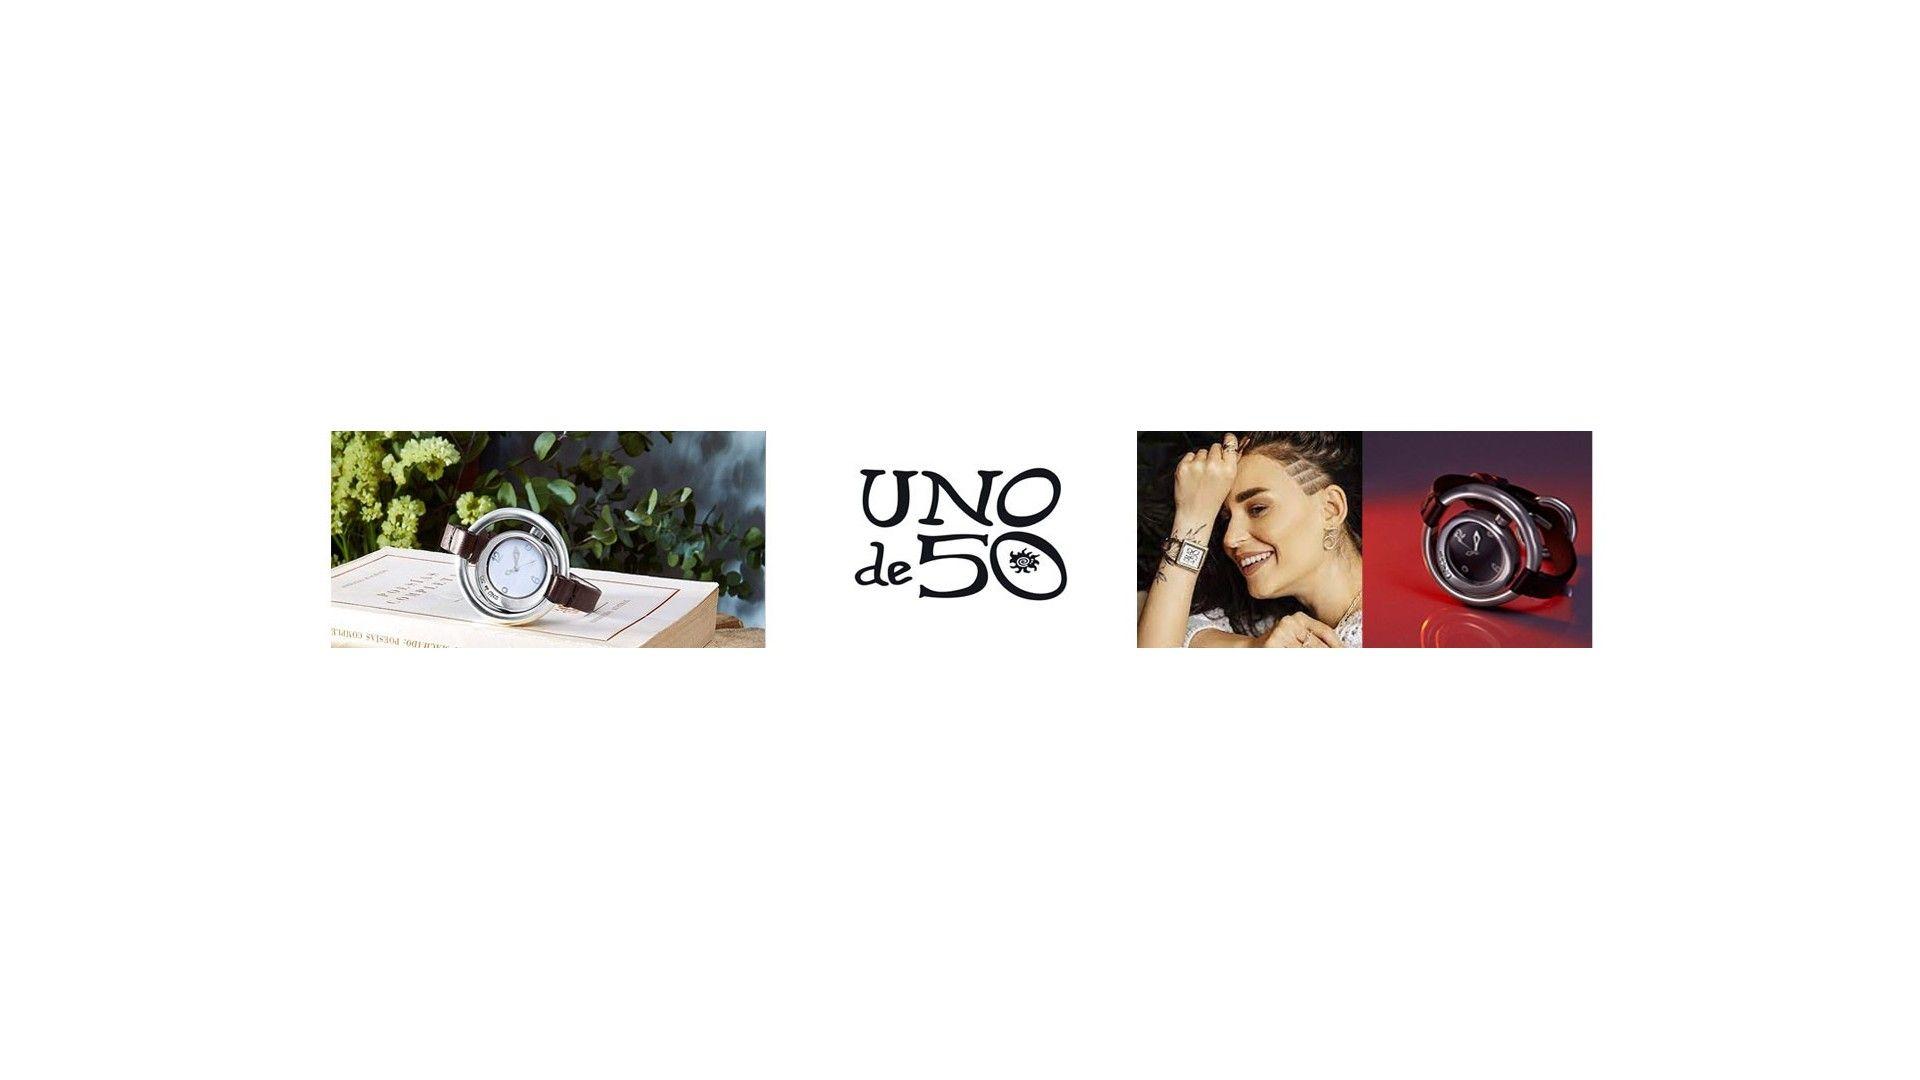 Relojes Uno de 50 - Comprar online